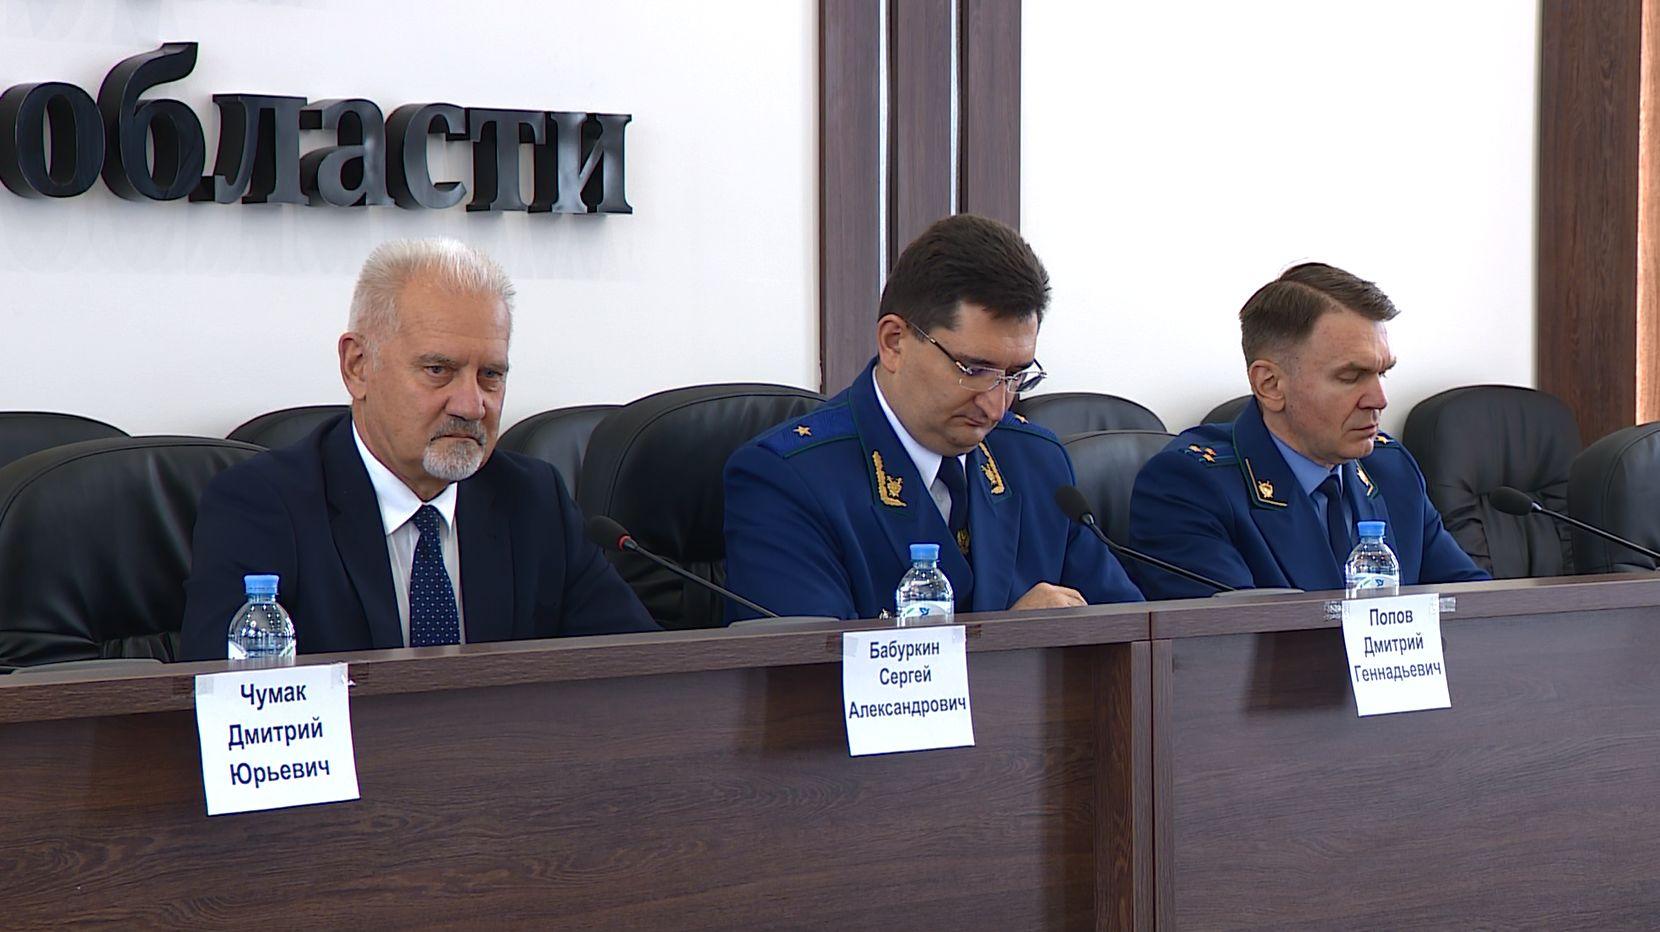 Жители Ярославля обратились к областному прокурору и омбудсмену со своими проблемами